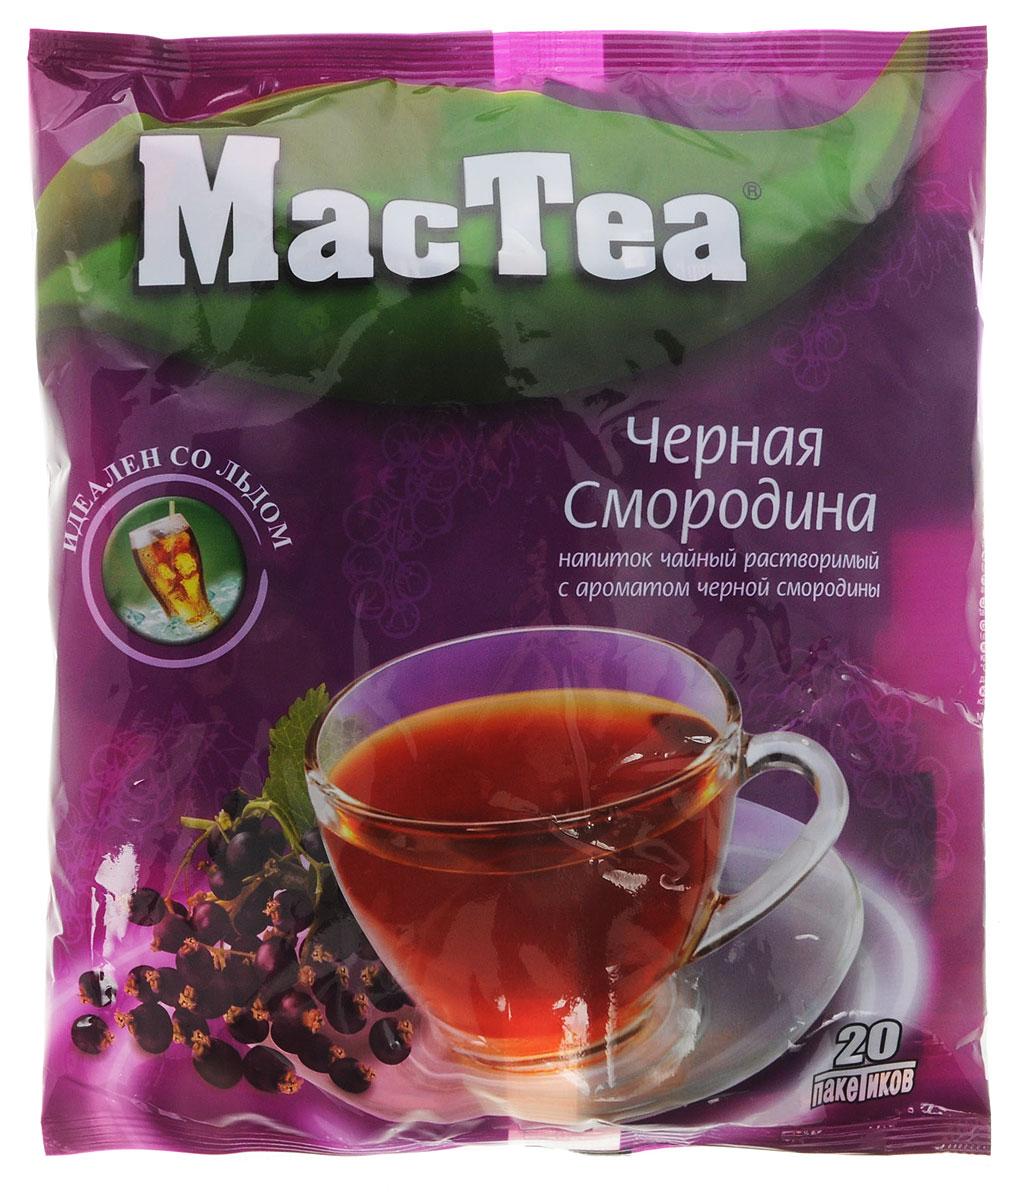 MacTea напиток чайный с черной смородиной, 20 шт